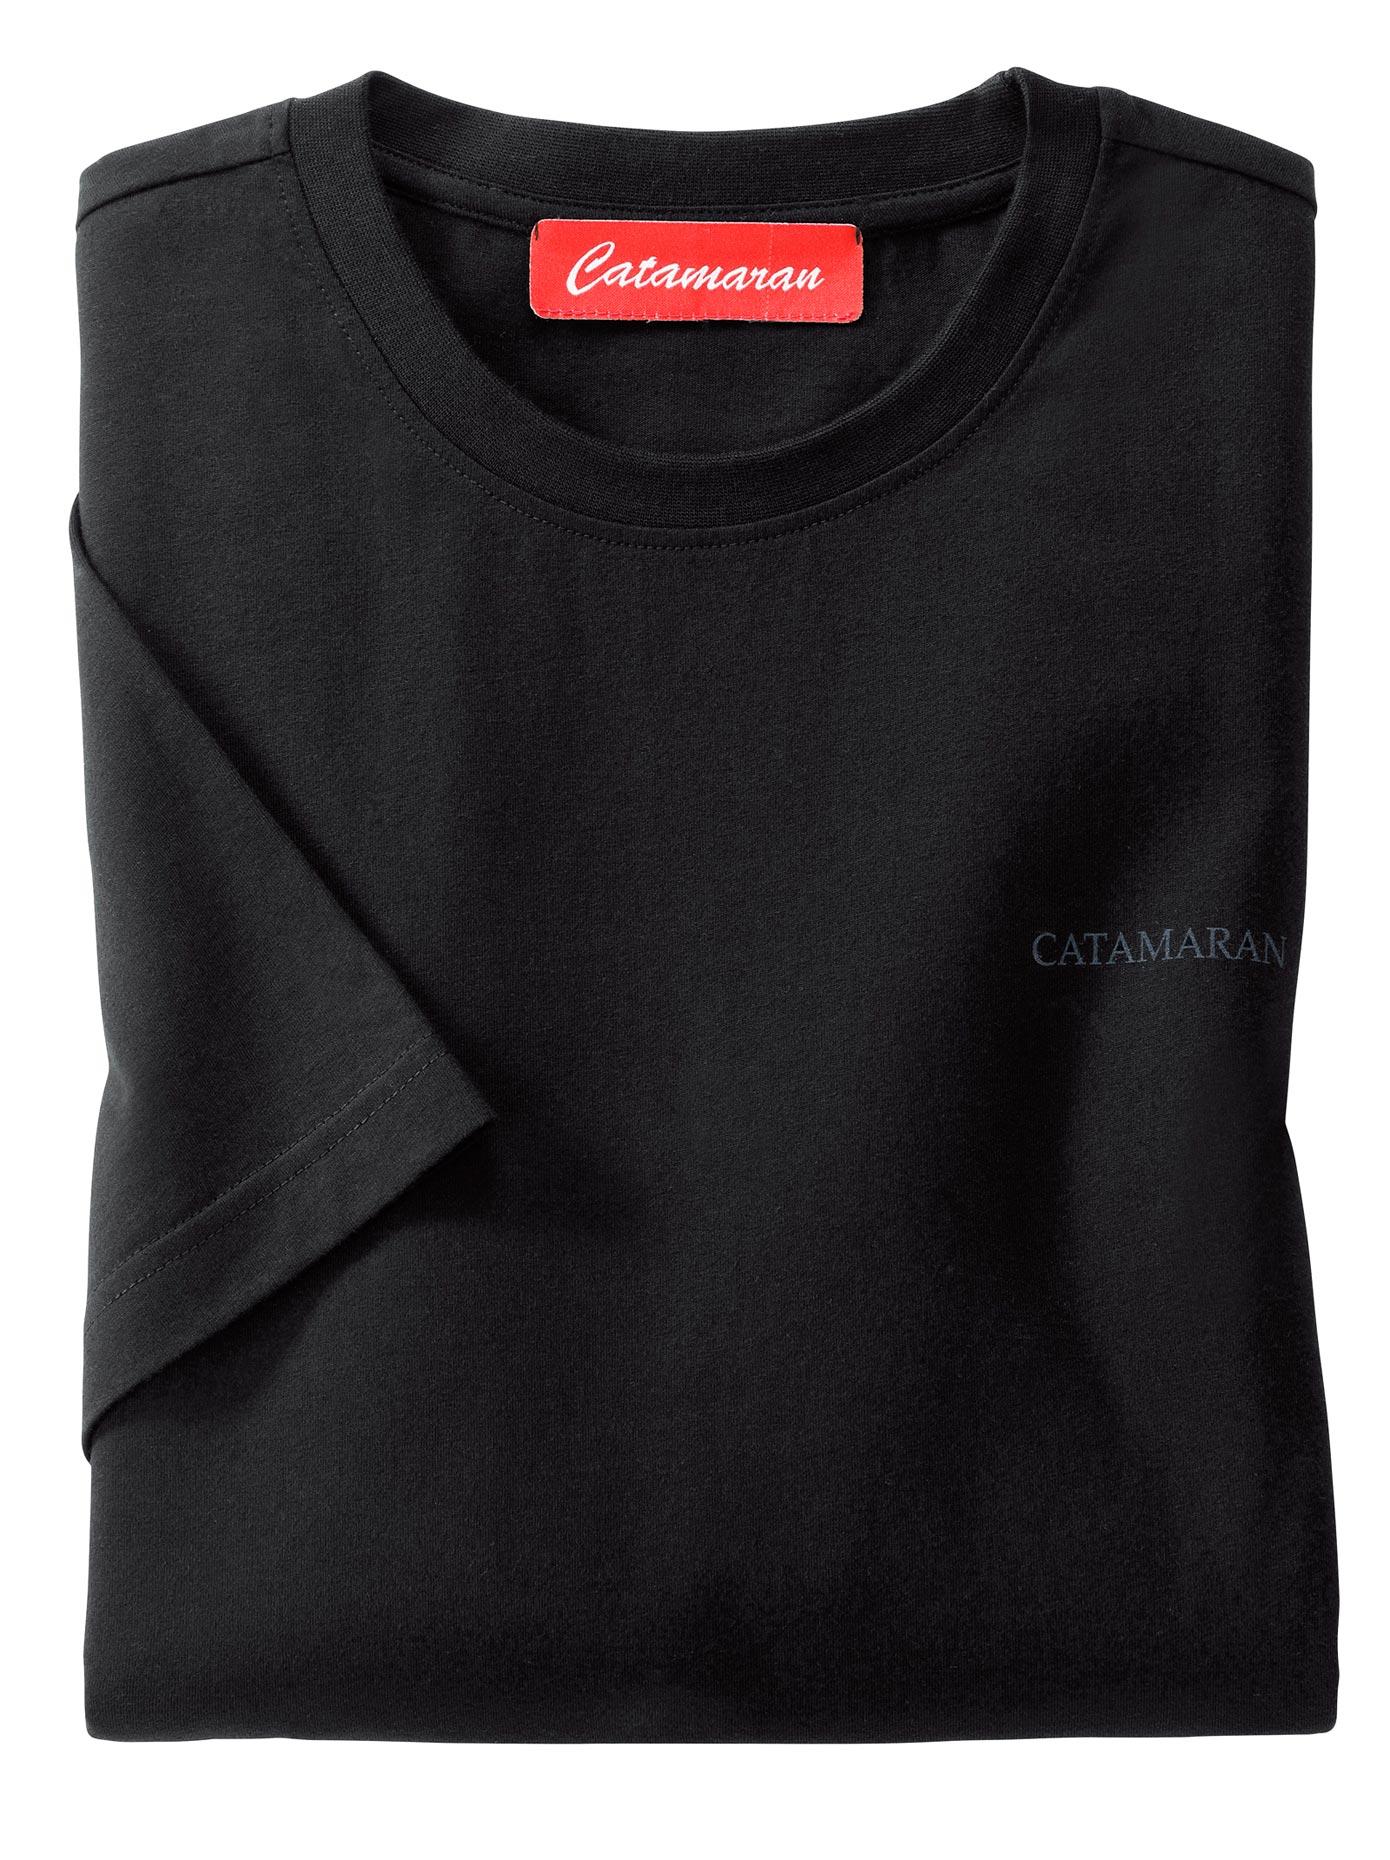 Catamaran Kurzarm-Shirt mit Rundhals-Ausschnitt (3 Stck)   Bekleidung > Shirts > Sonstige Shirts   Schwarz   Catamaran